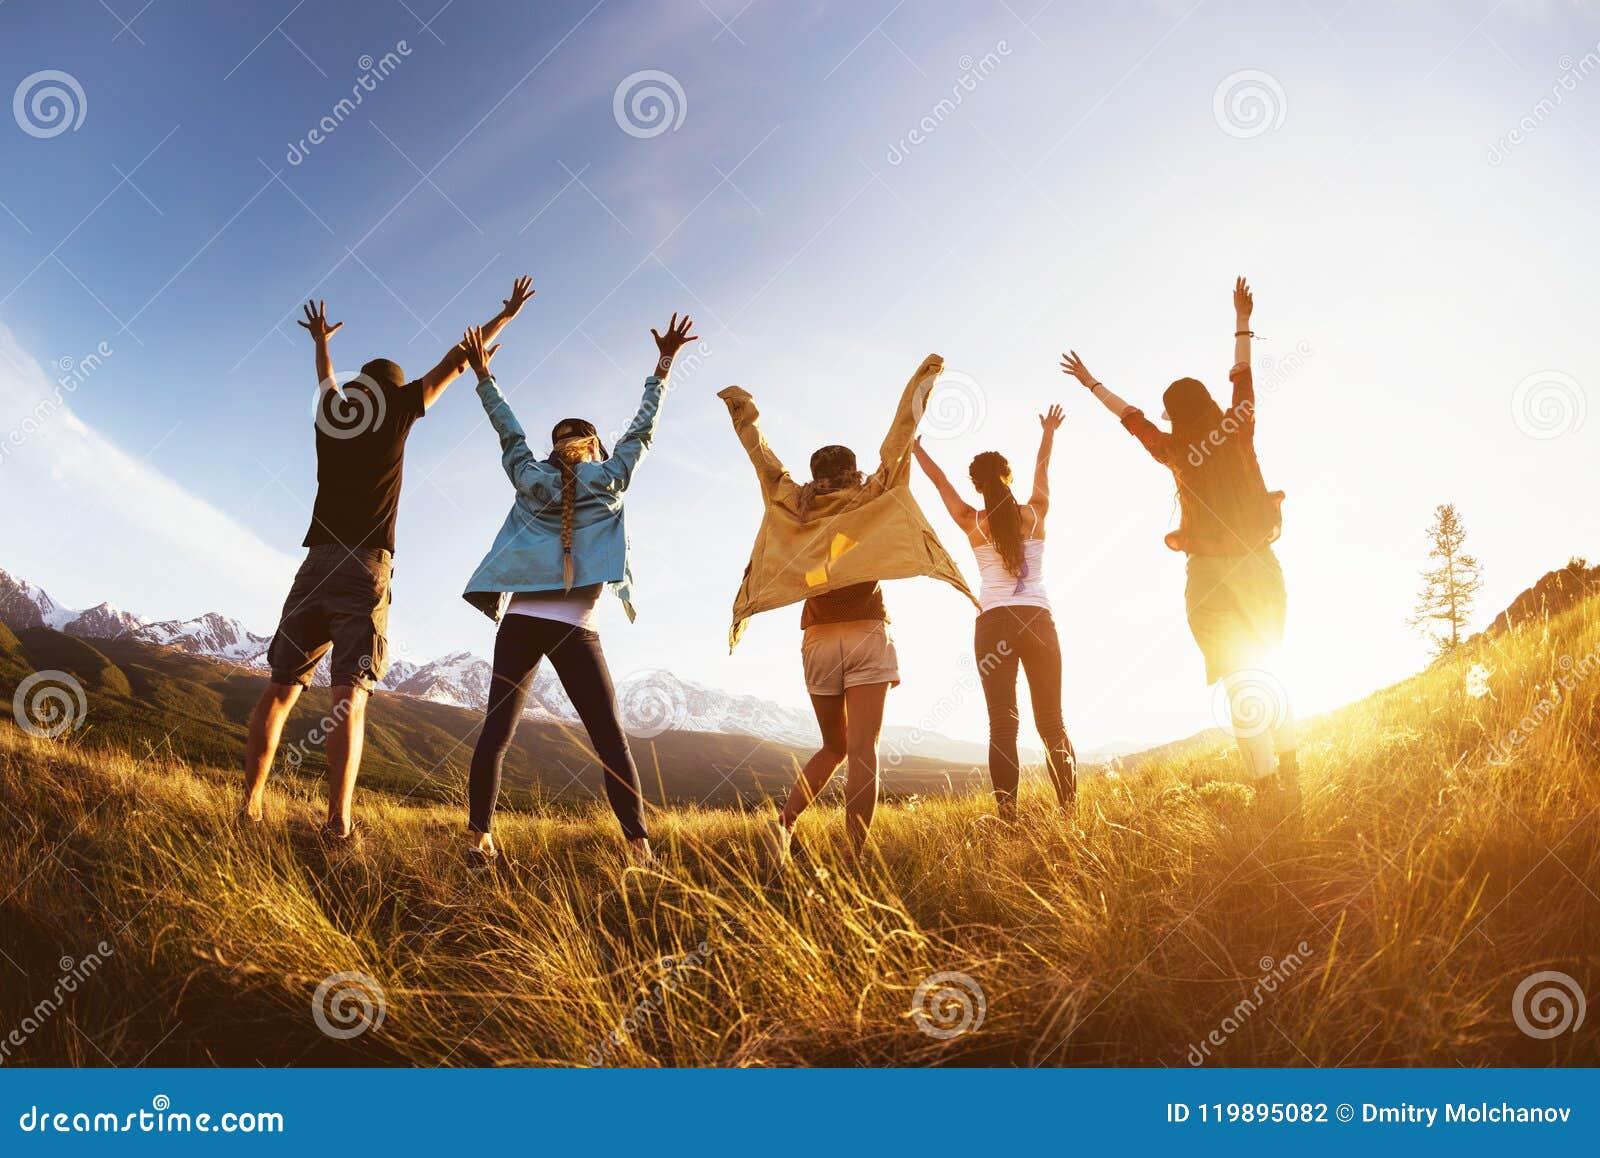 För vänberg för grupp lycklig lyftta armar solnedgång